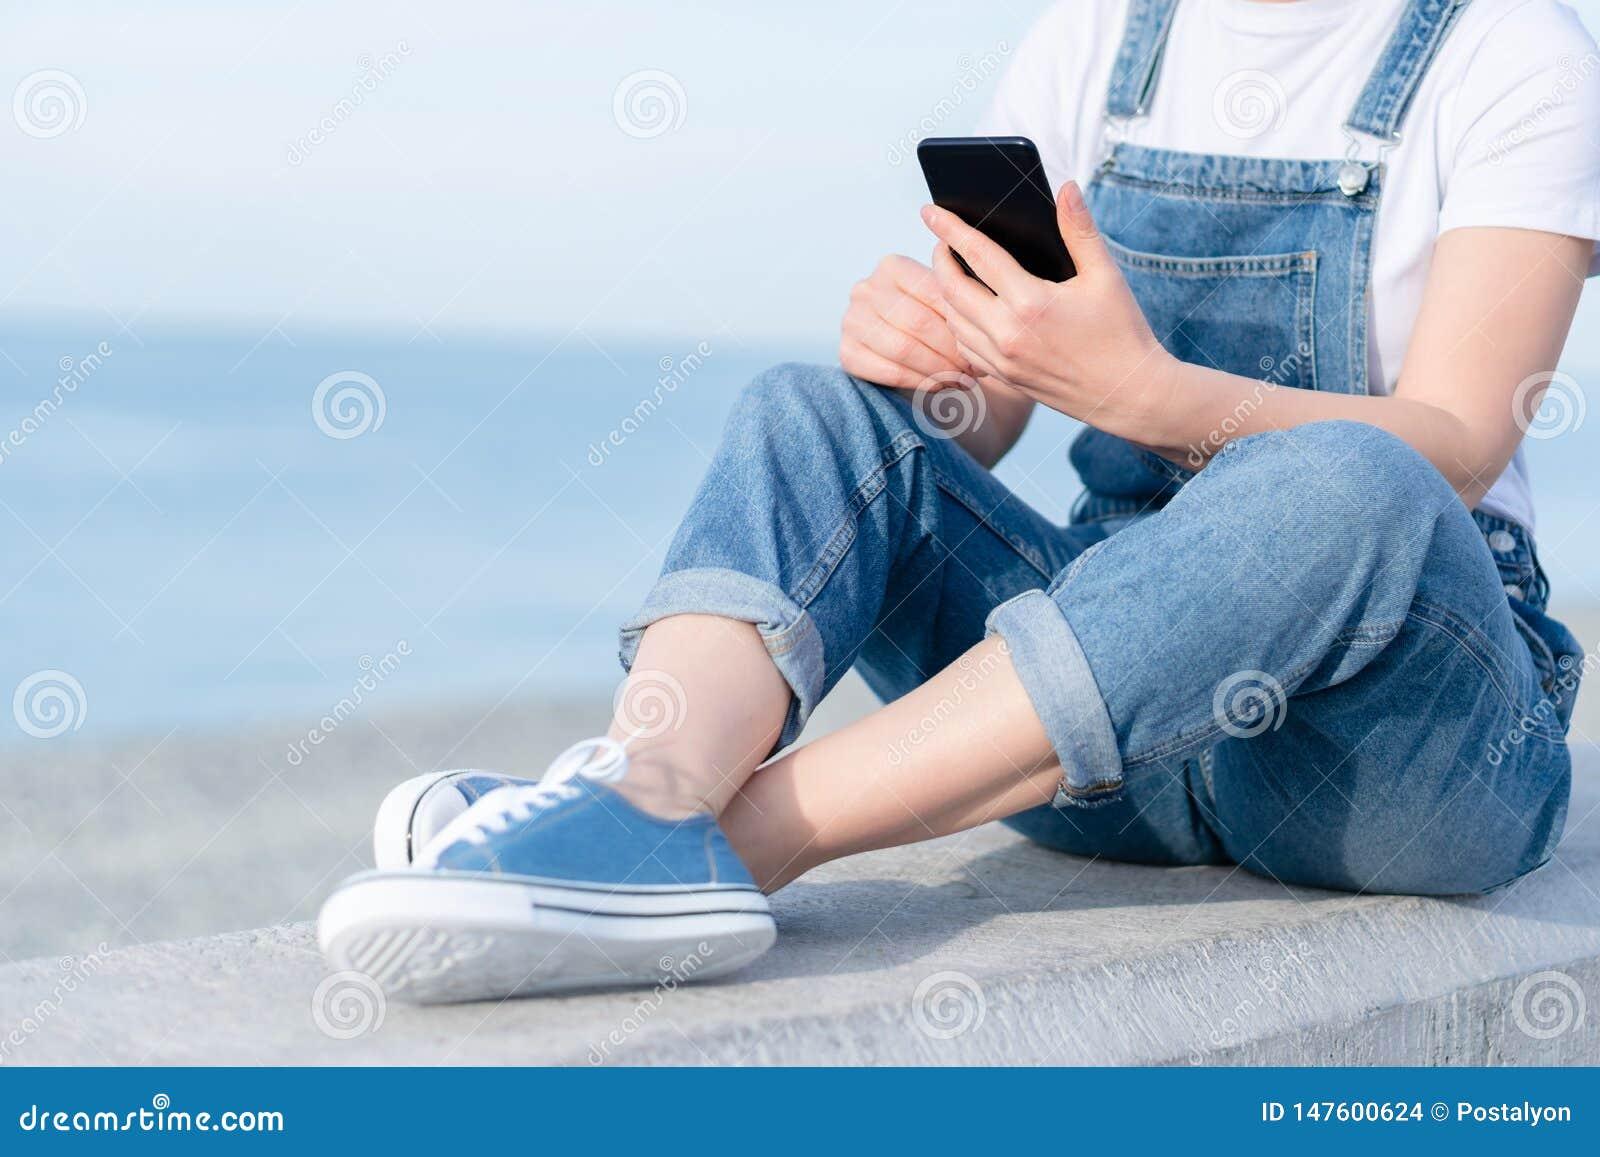 Foto der erwachsenen Frau unter Verwendung eines Handys während der Reise